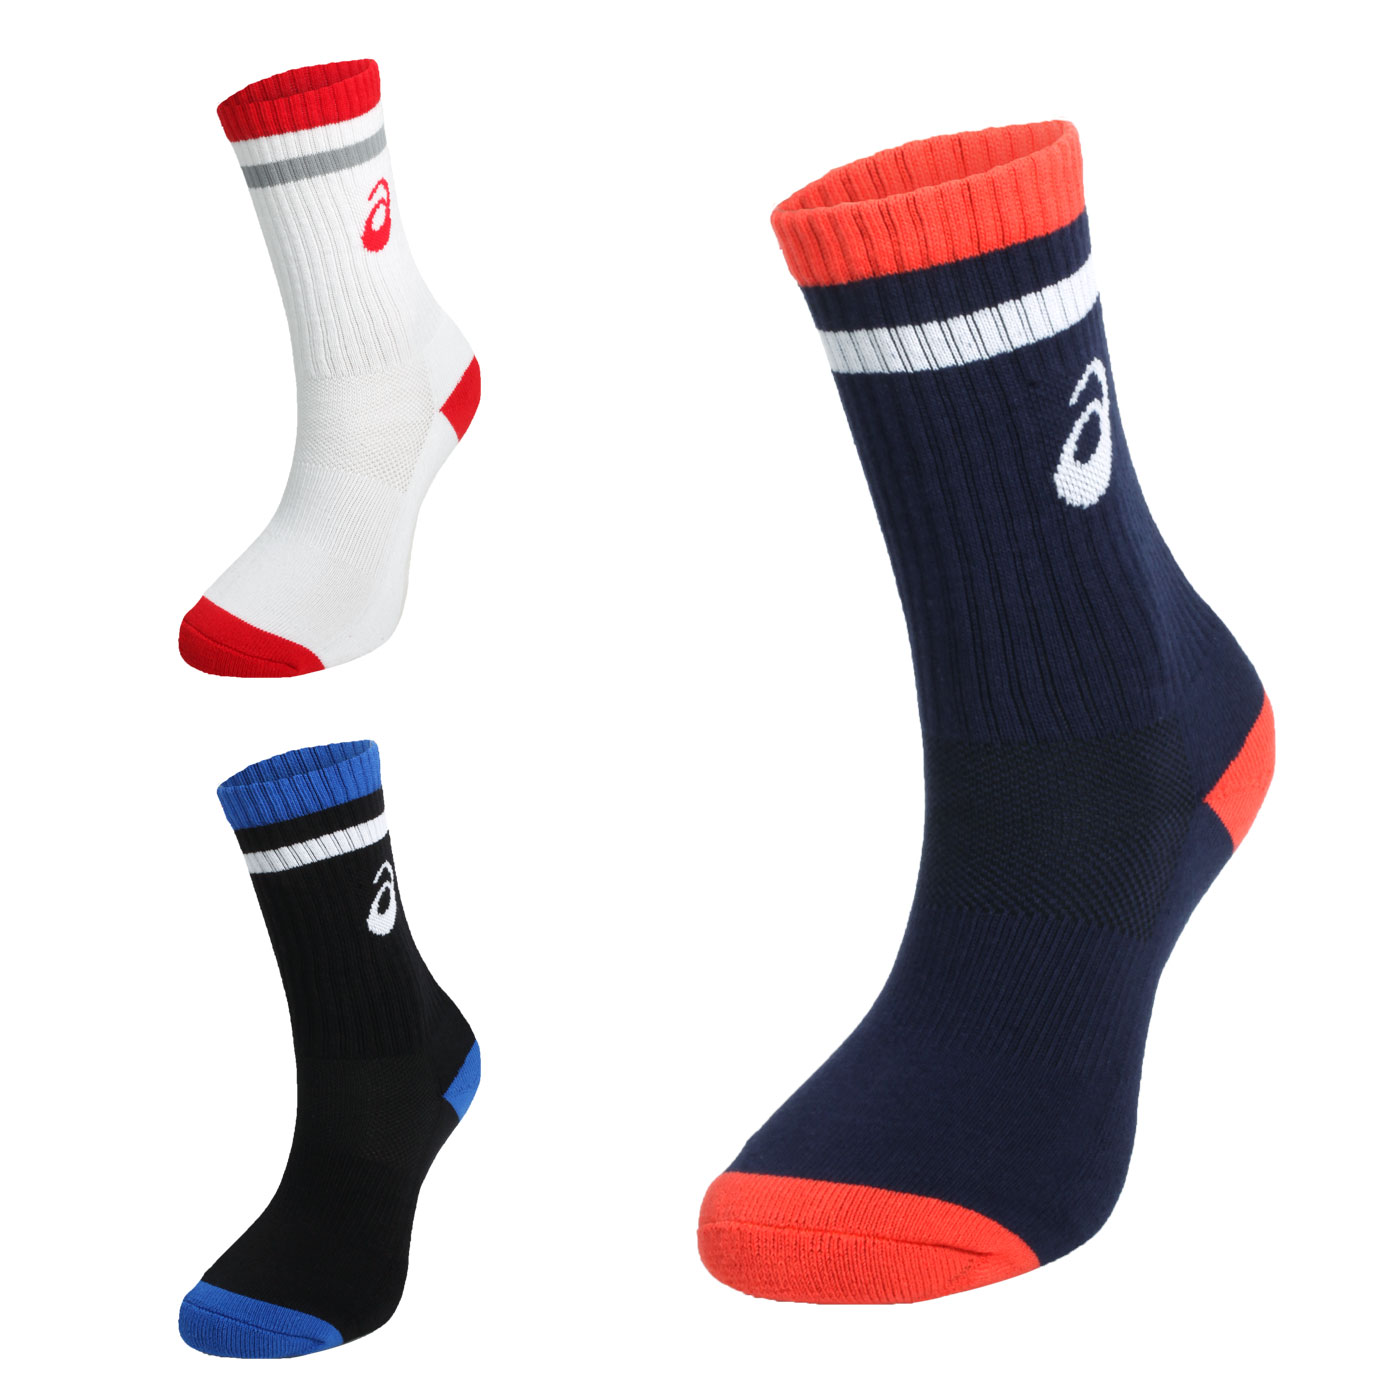 ASICS 排球襪 Z12008-01